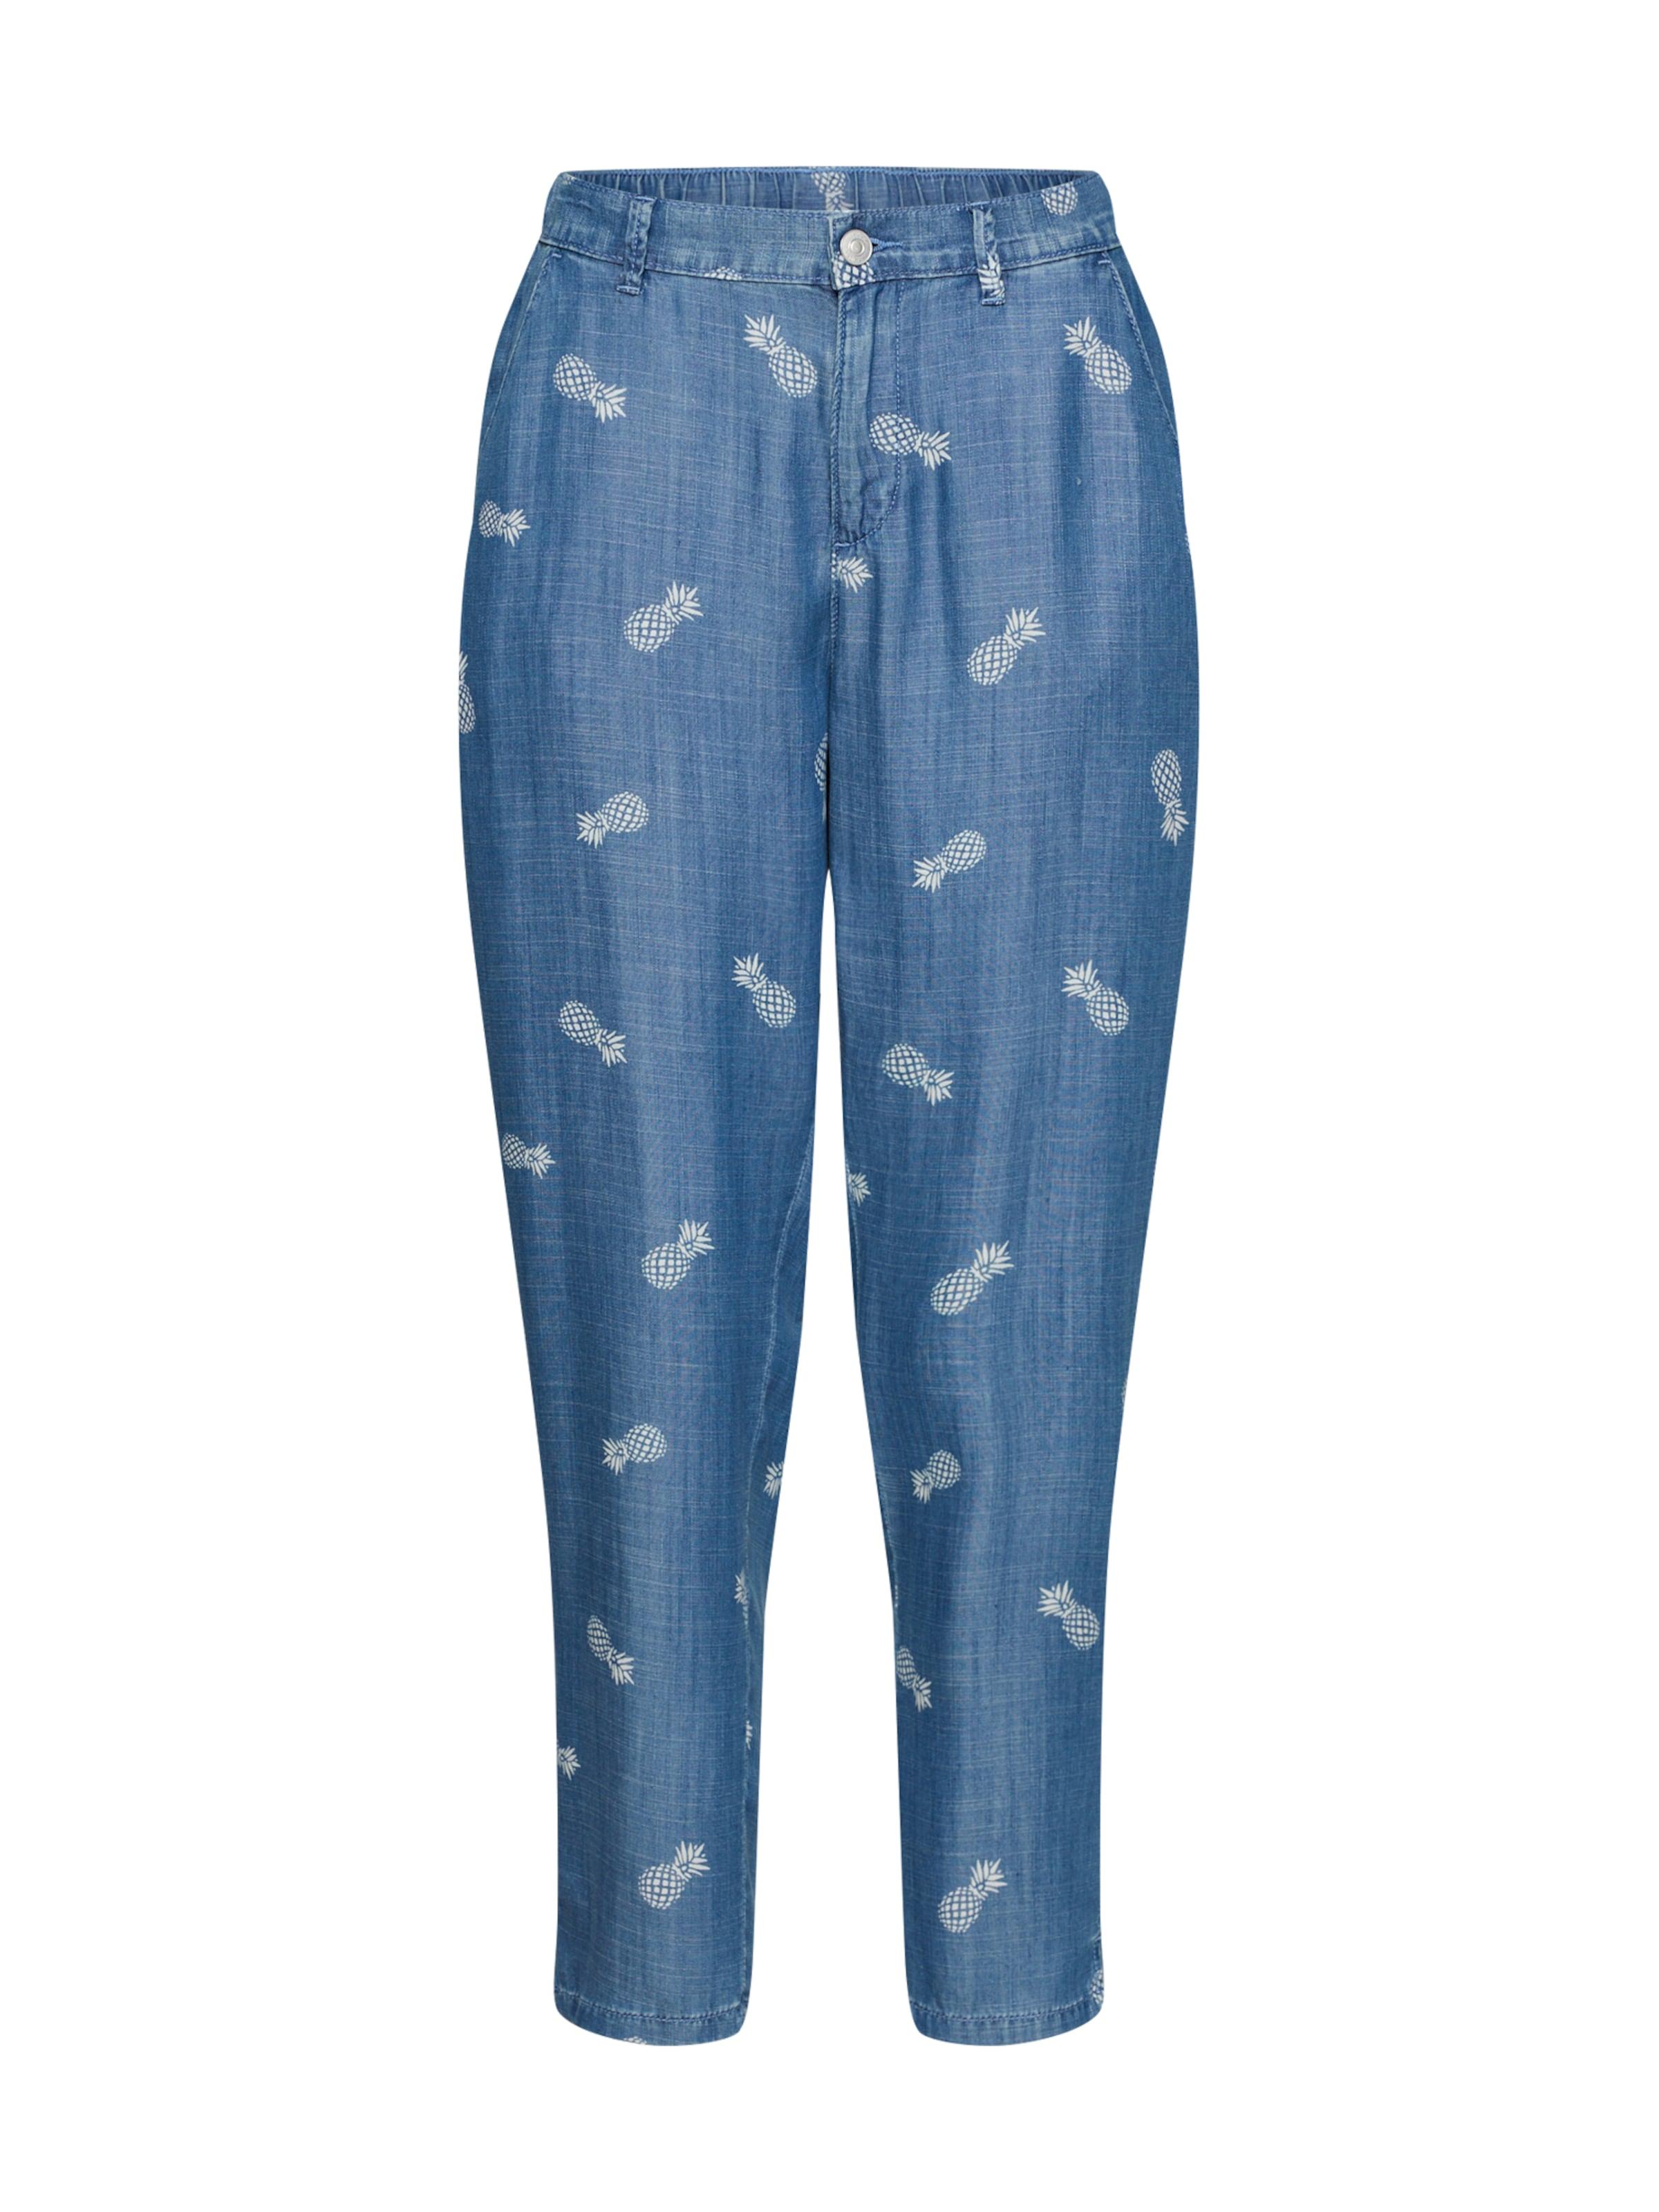 Esprit Bleu Denim En By Edc Pantalon TFJlcK1